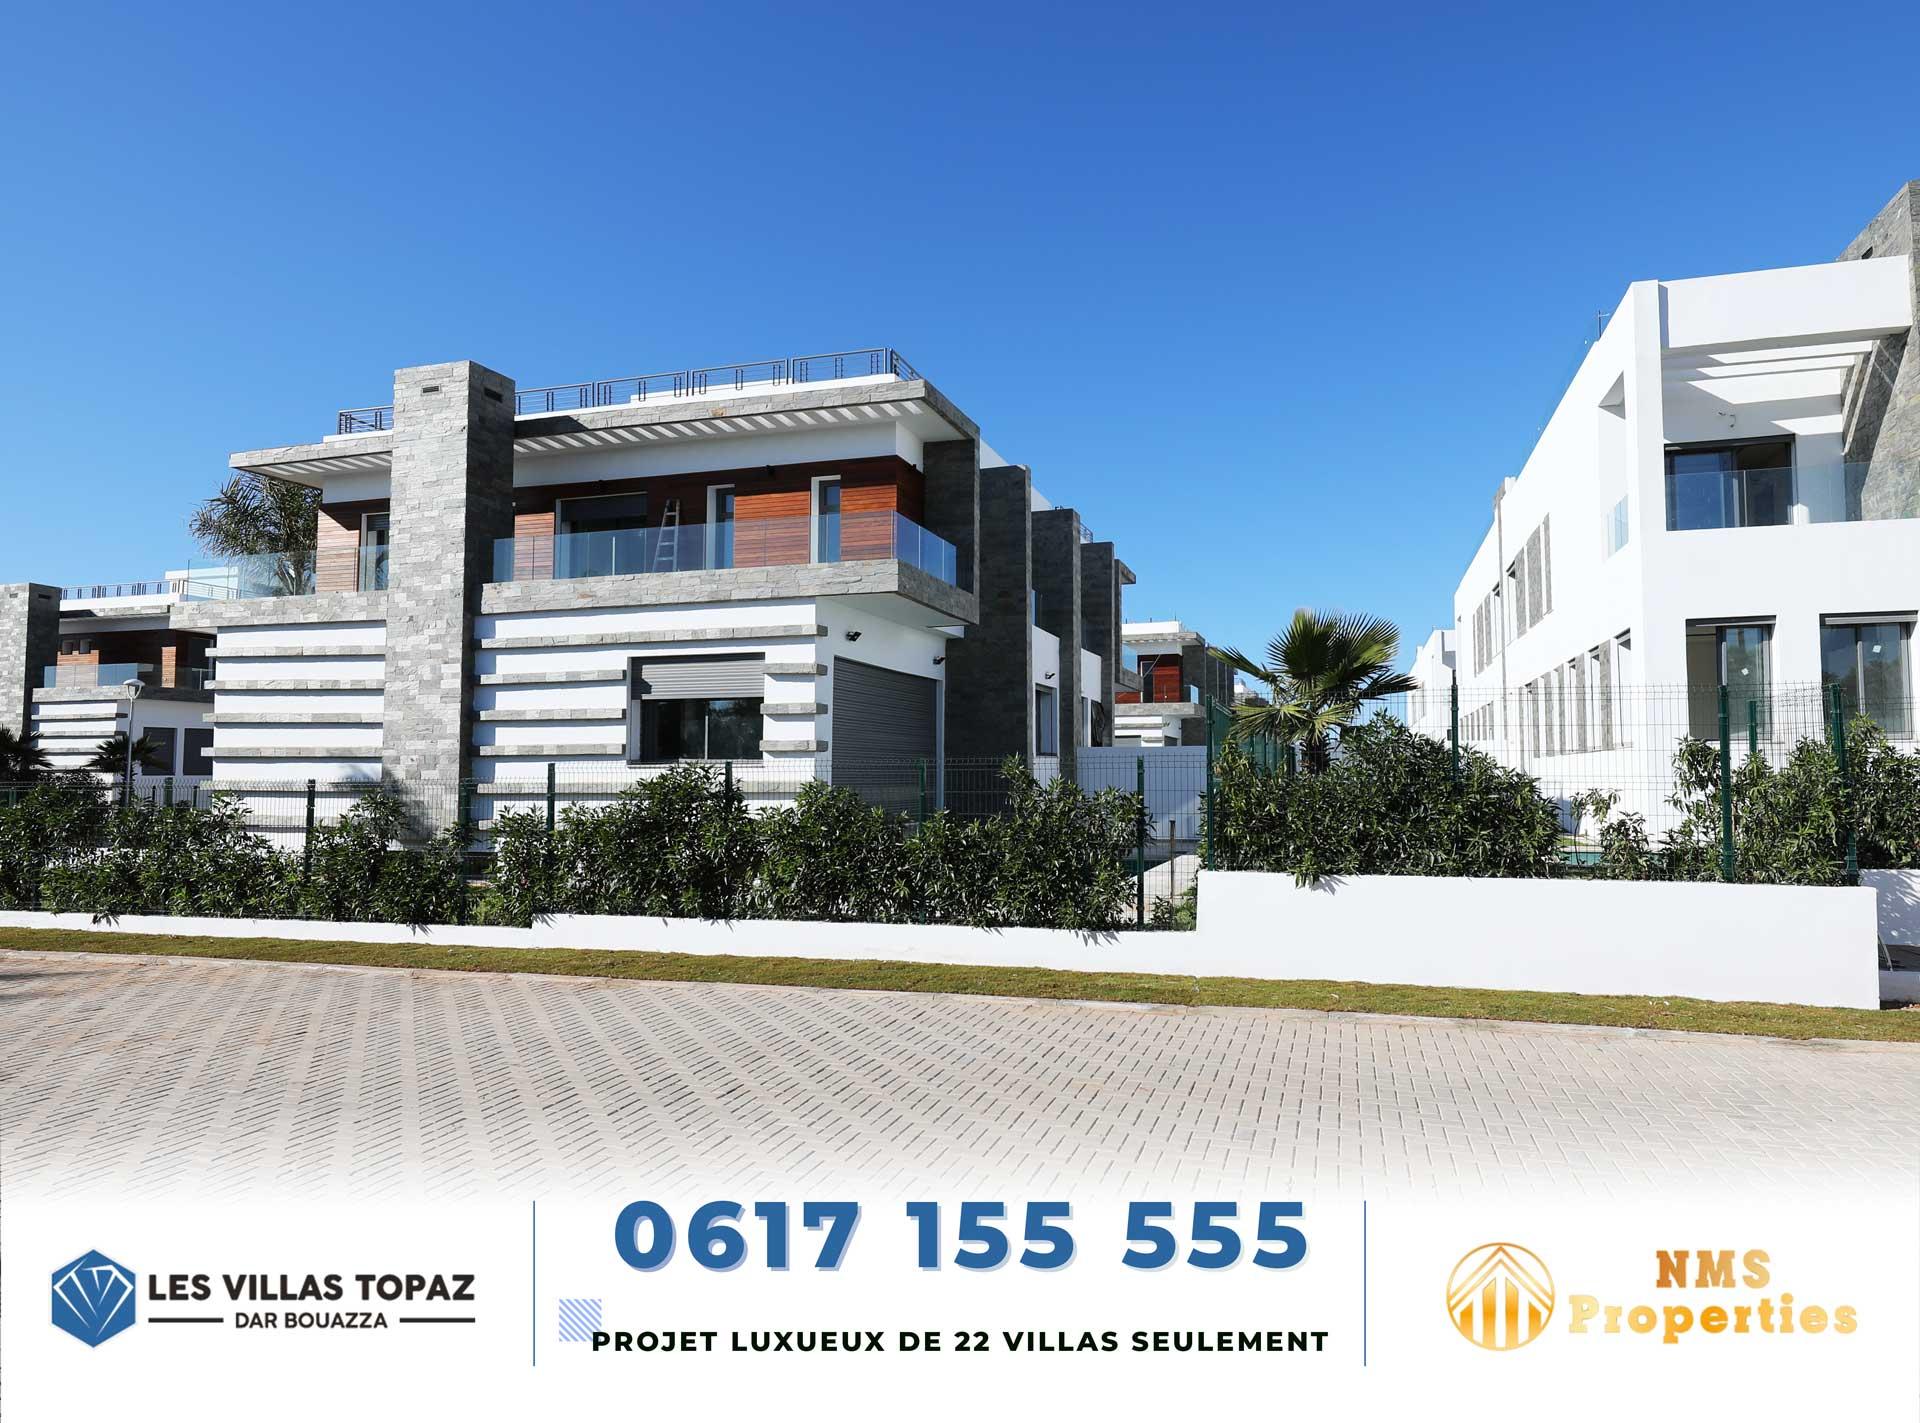 iCom-Agence-de-Communication-au-Maroc-Casablanca-creation-audiovisuelle-et-production-video-nms-villas-topaz2020-05-24 at 3.49.58 PM 16